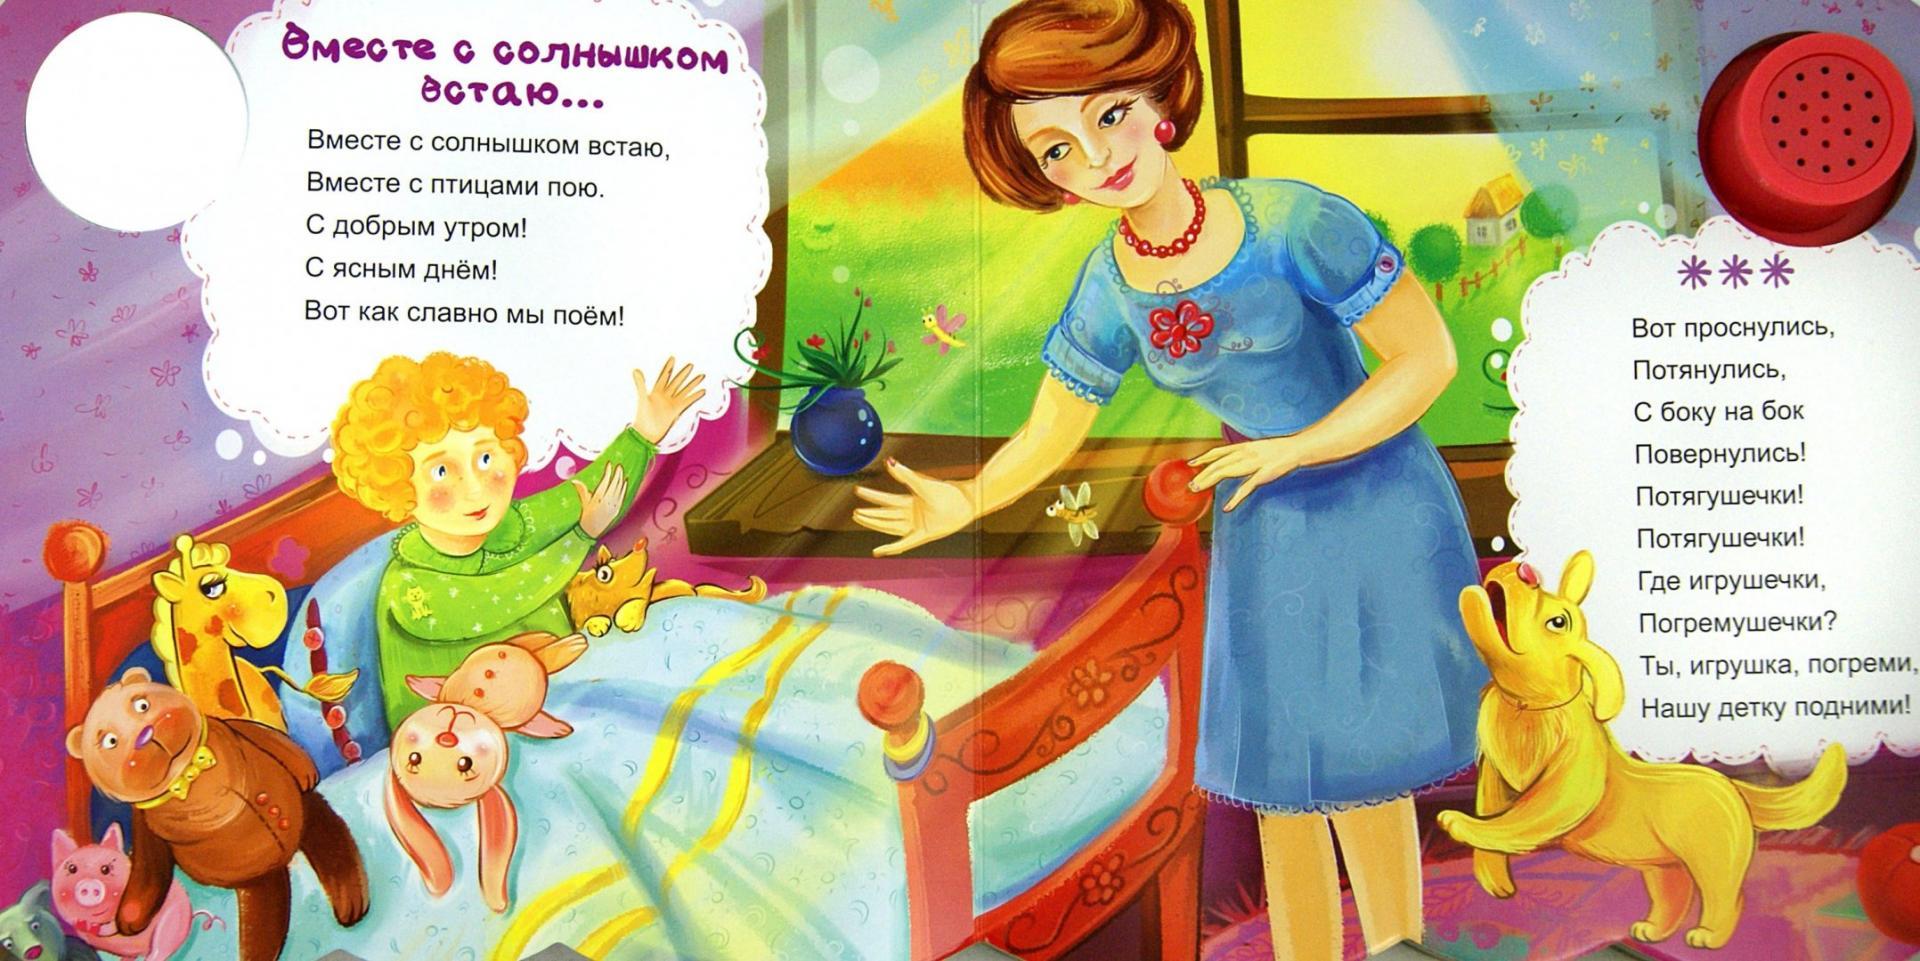 Иллюстрация 1 из 5 для Тешки-потешки. Музыкальная книжка - Елена Мирная | Лабиринт - игрушки. Источник: Лабиринт